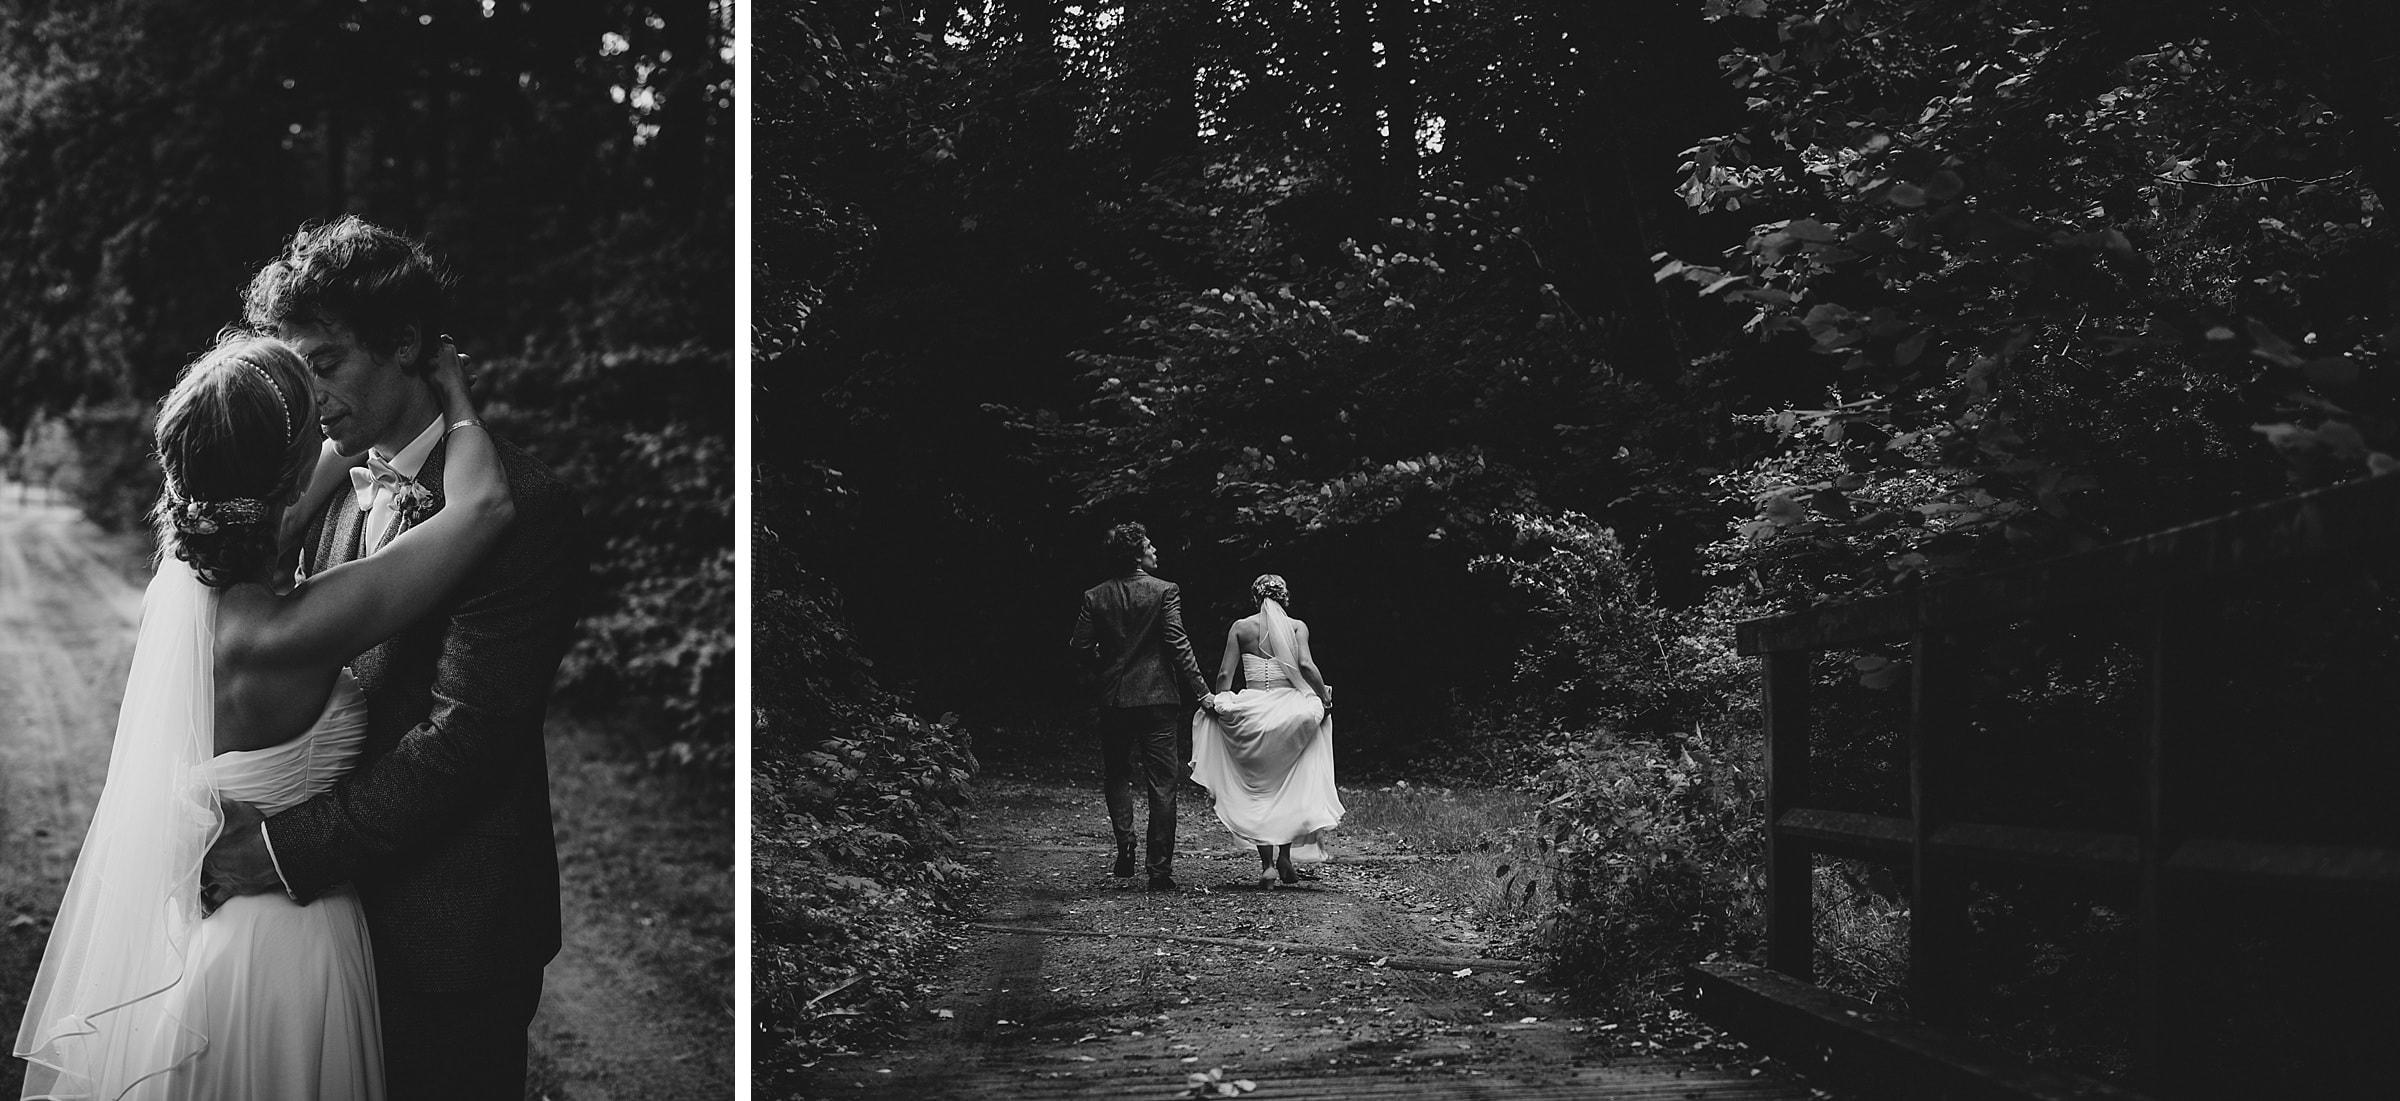 Hochzeitsfotografie-Frau-Siemers-Hof Weihe-Brautpaar küsst sich-portrtibild schwarz/weiß